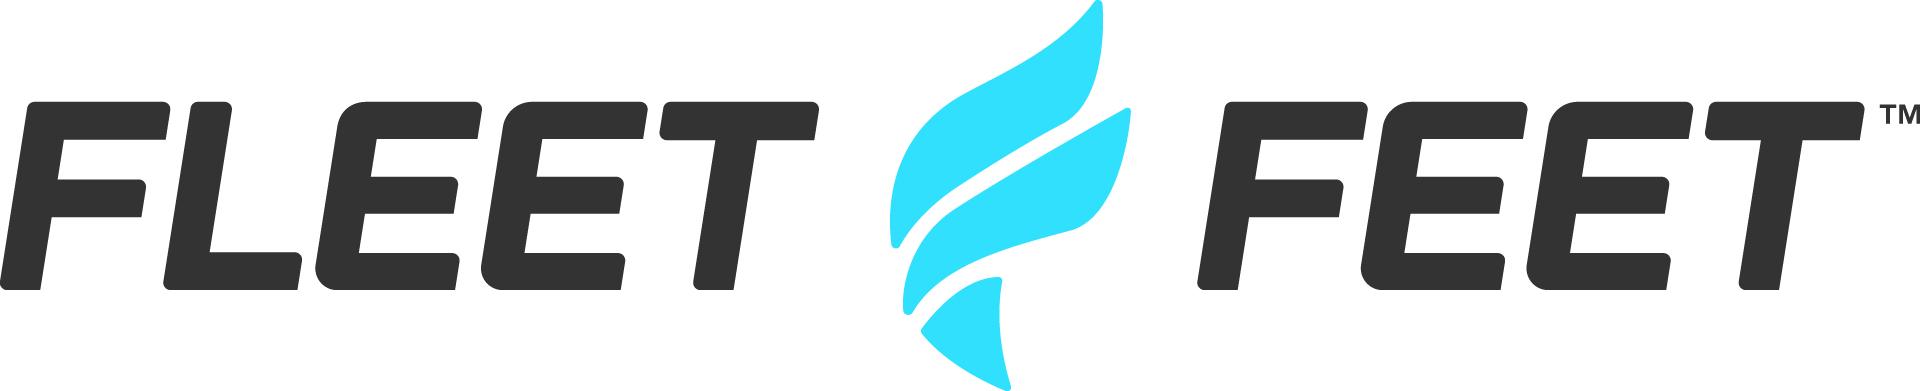 Fleet Feet Launches New Logo Fleet Feet Sports Rochester